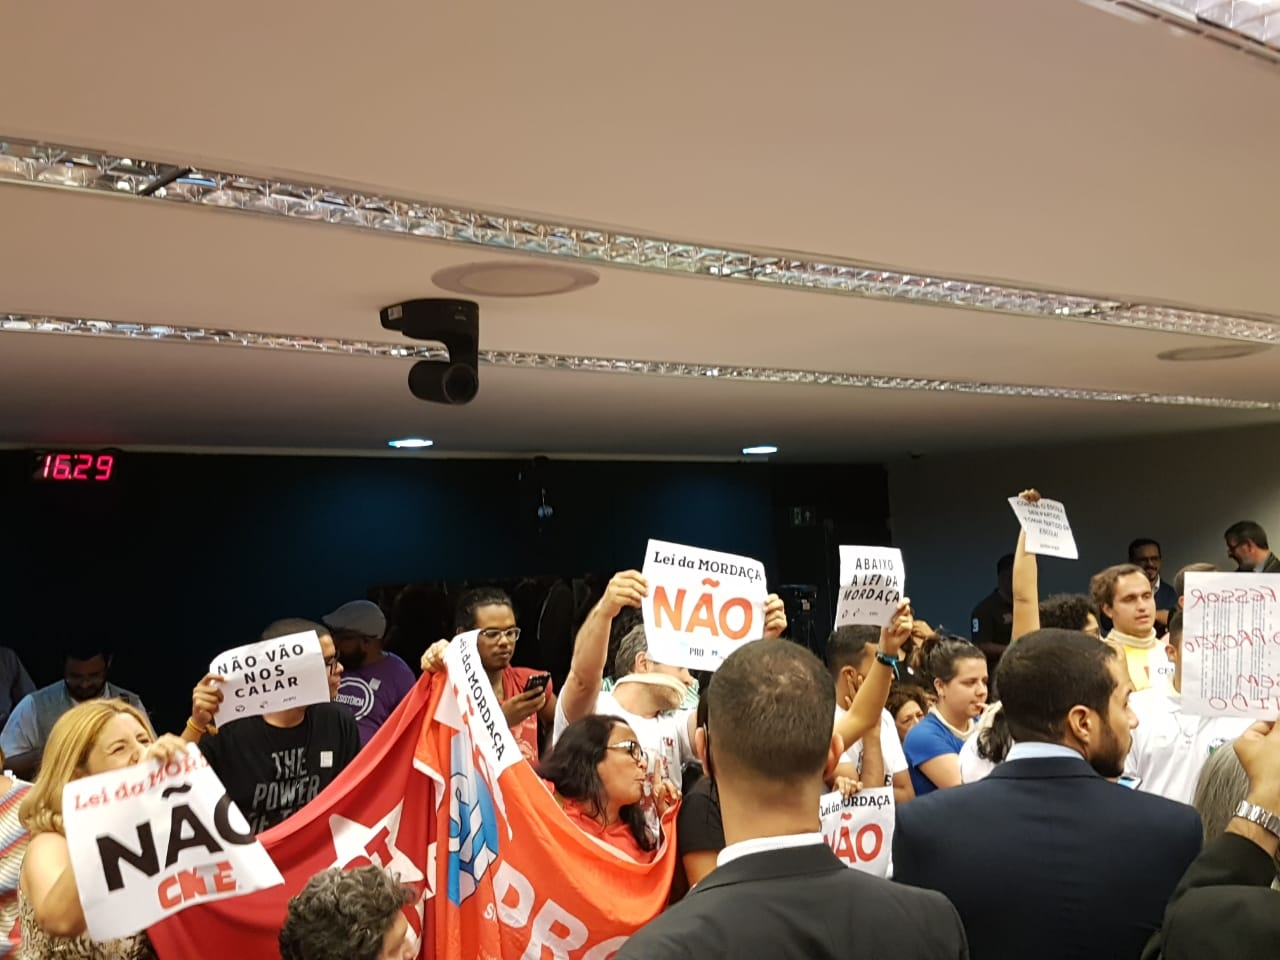 Fotos Lei da Mordaça Votacao (24)